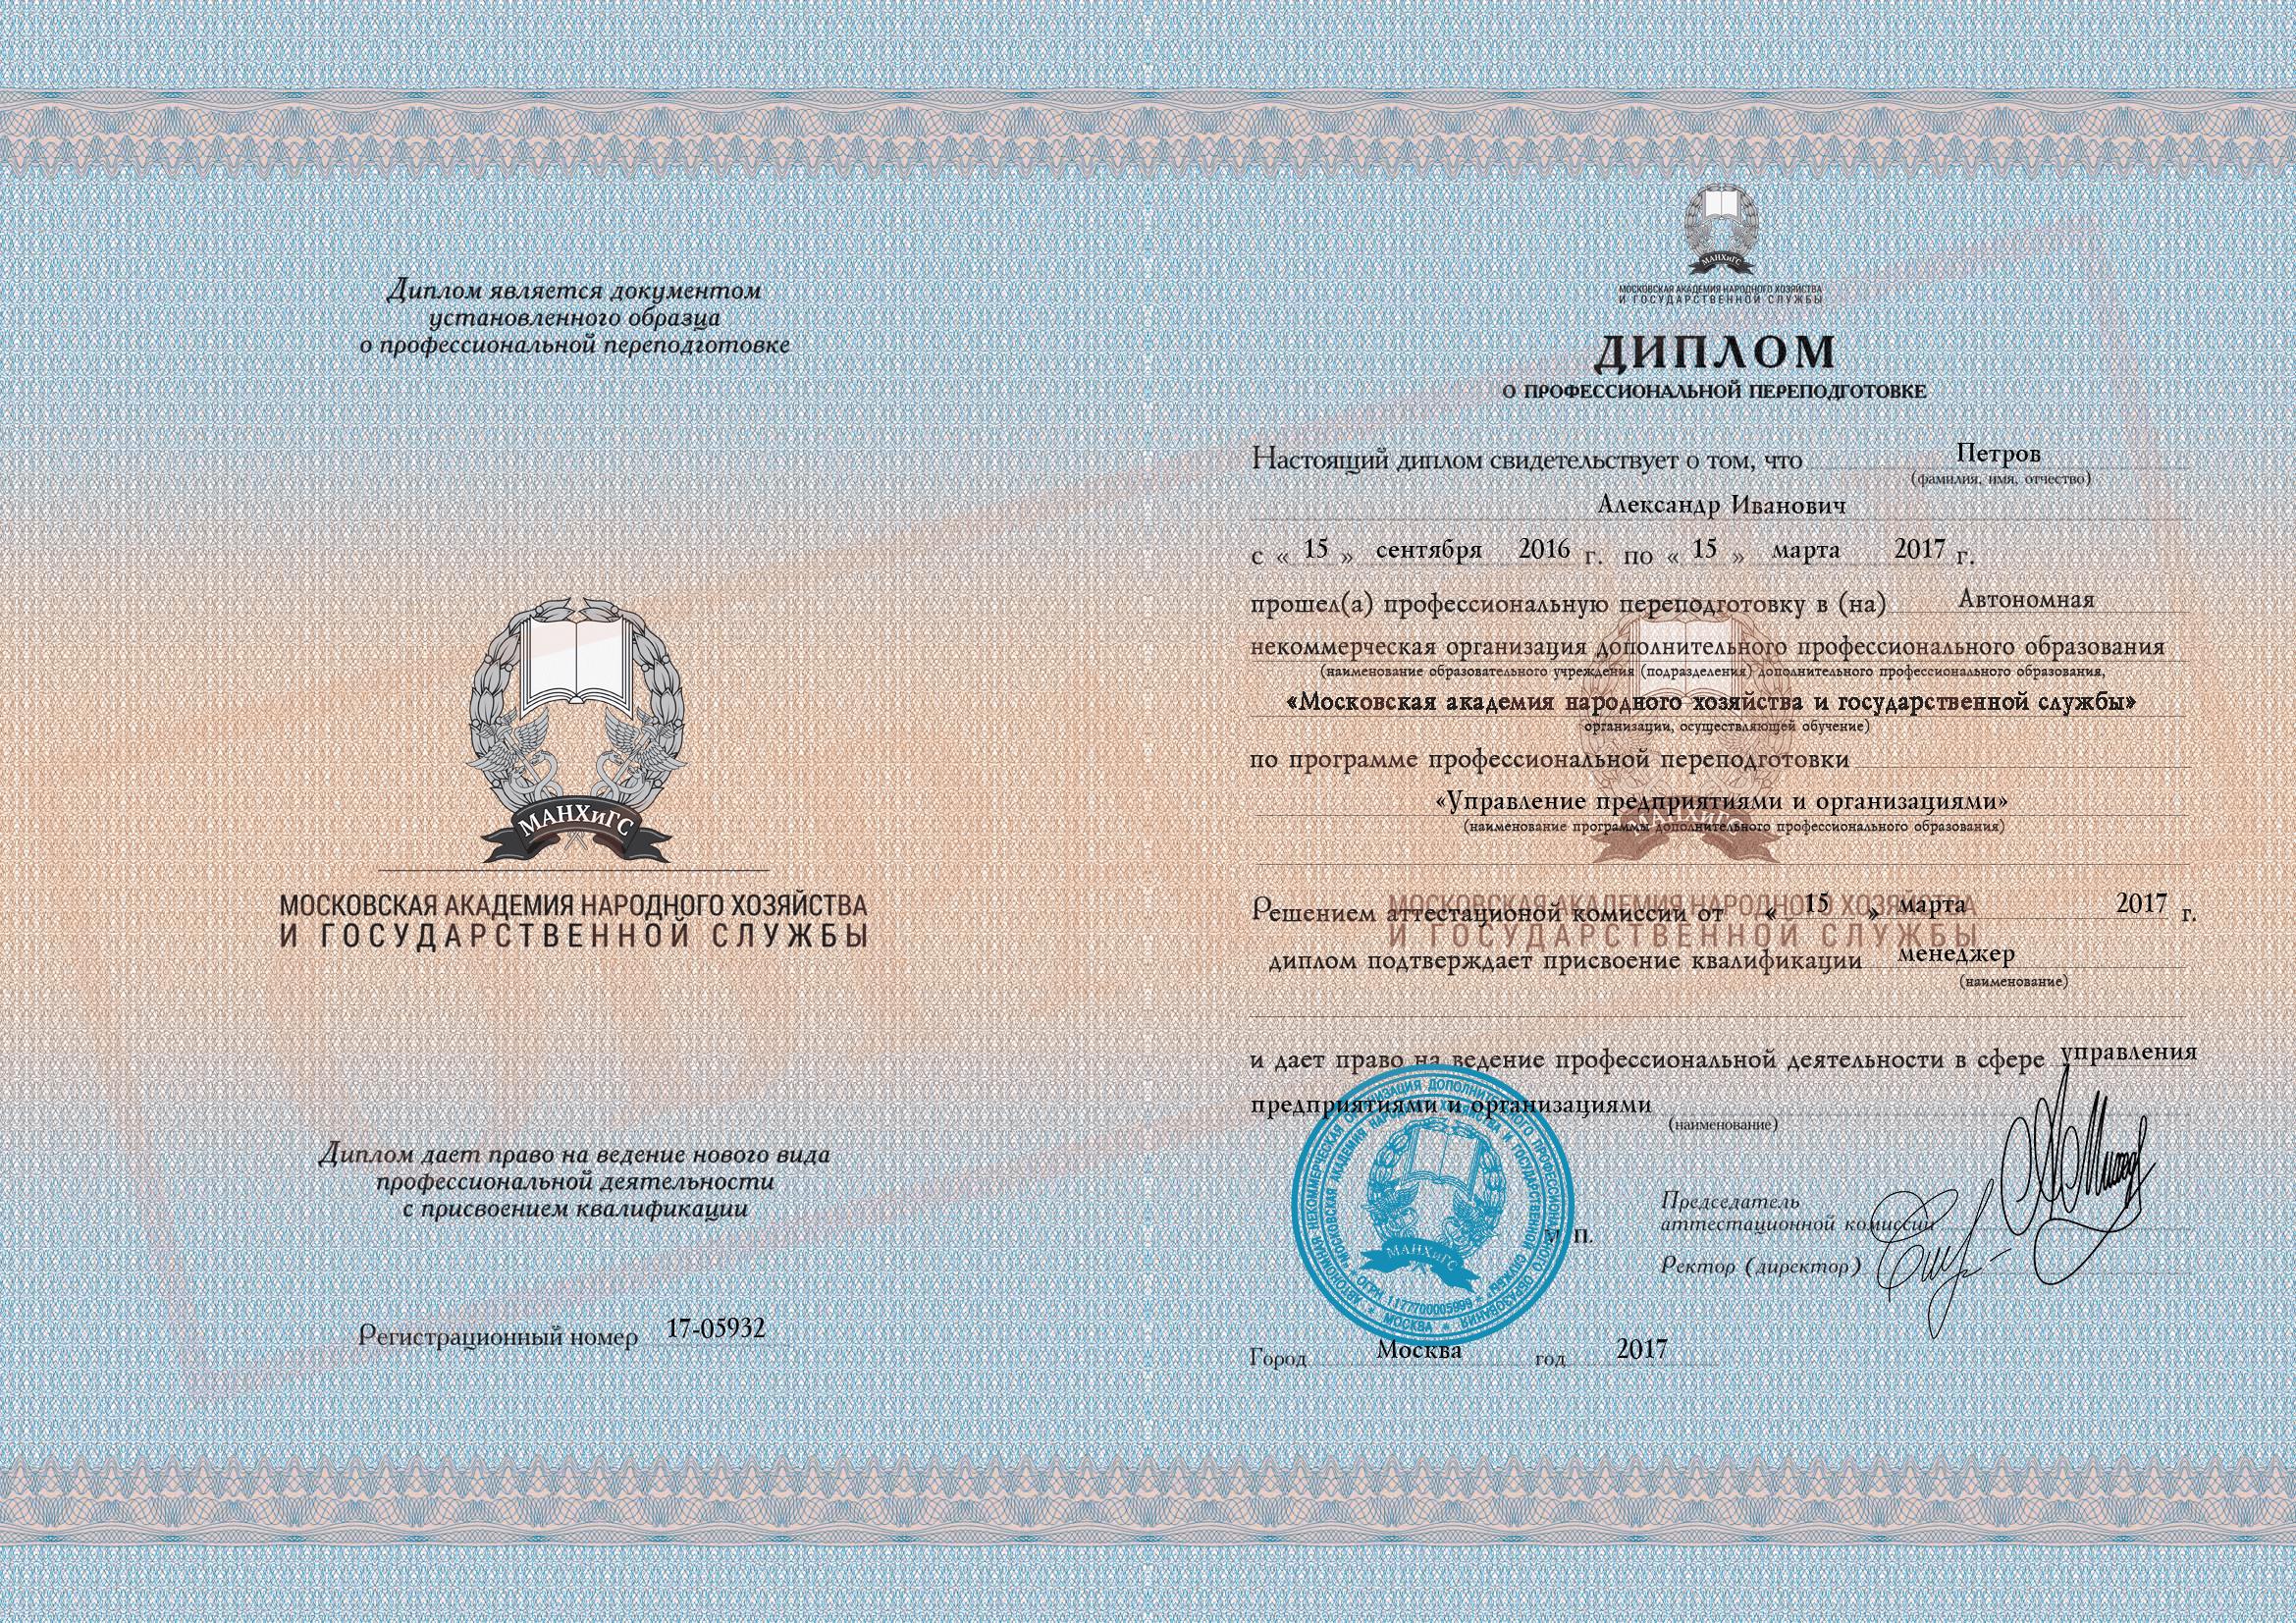 Управление предприятиями и организациями Образование в Москве Управление предприятиями и организациями